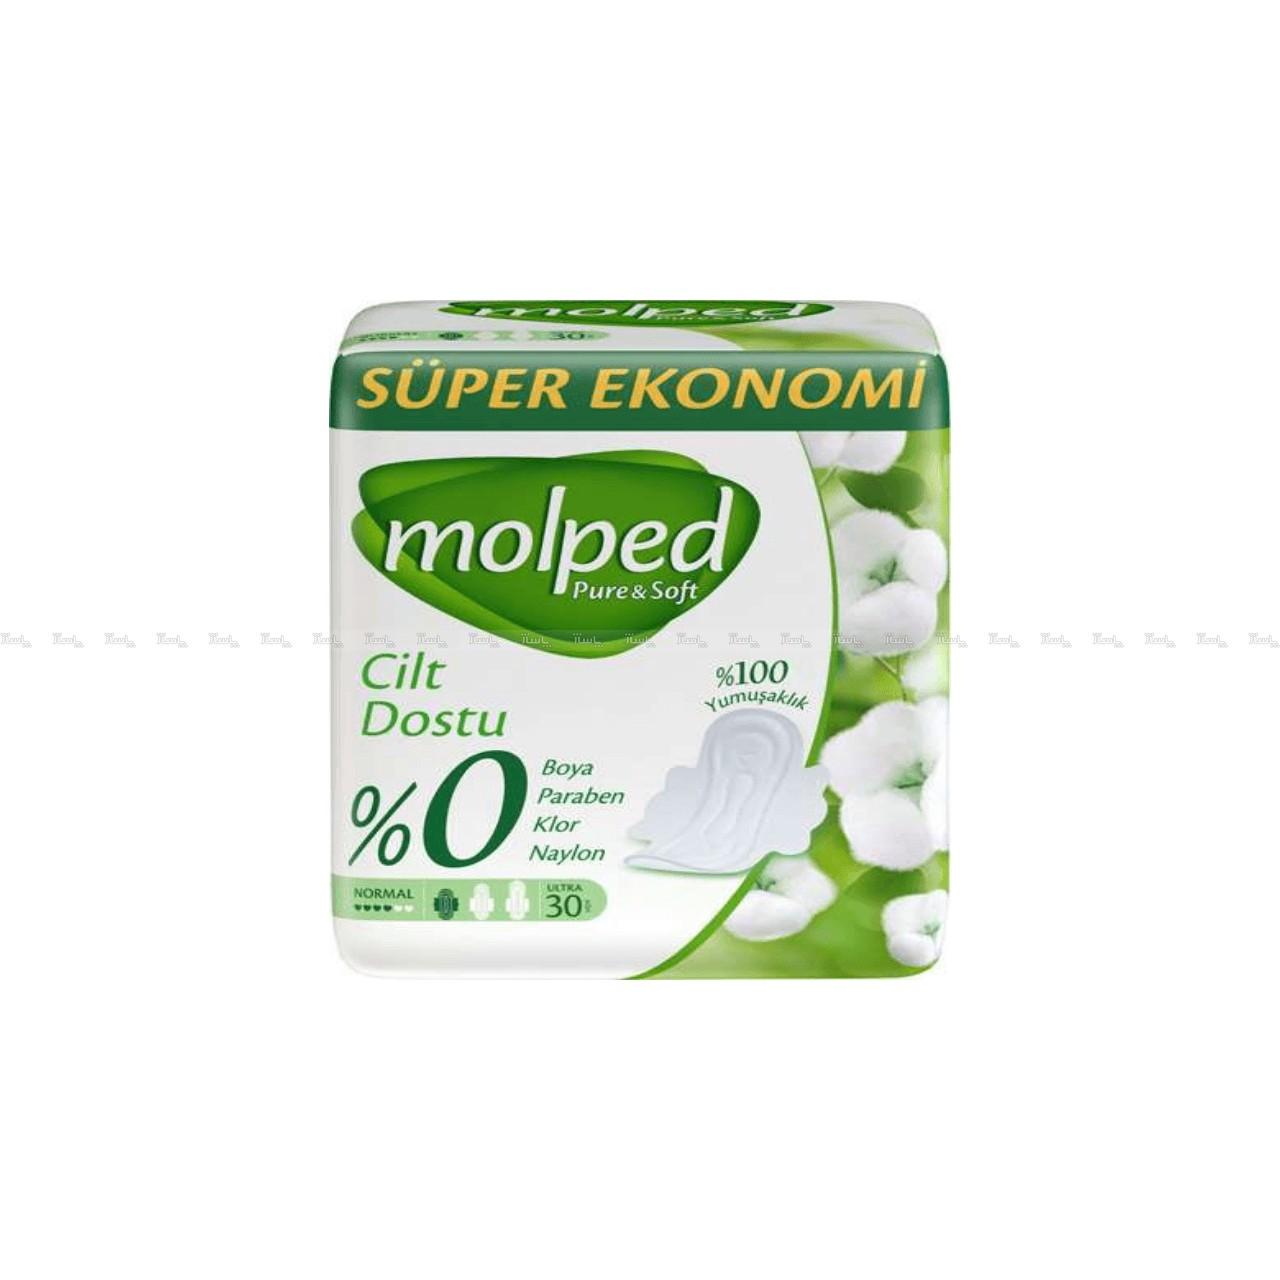 نوار بهداشتی مولپد نرمال ۳۰ عددی molped-تصویر اصلی